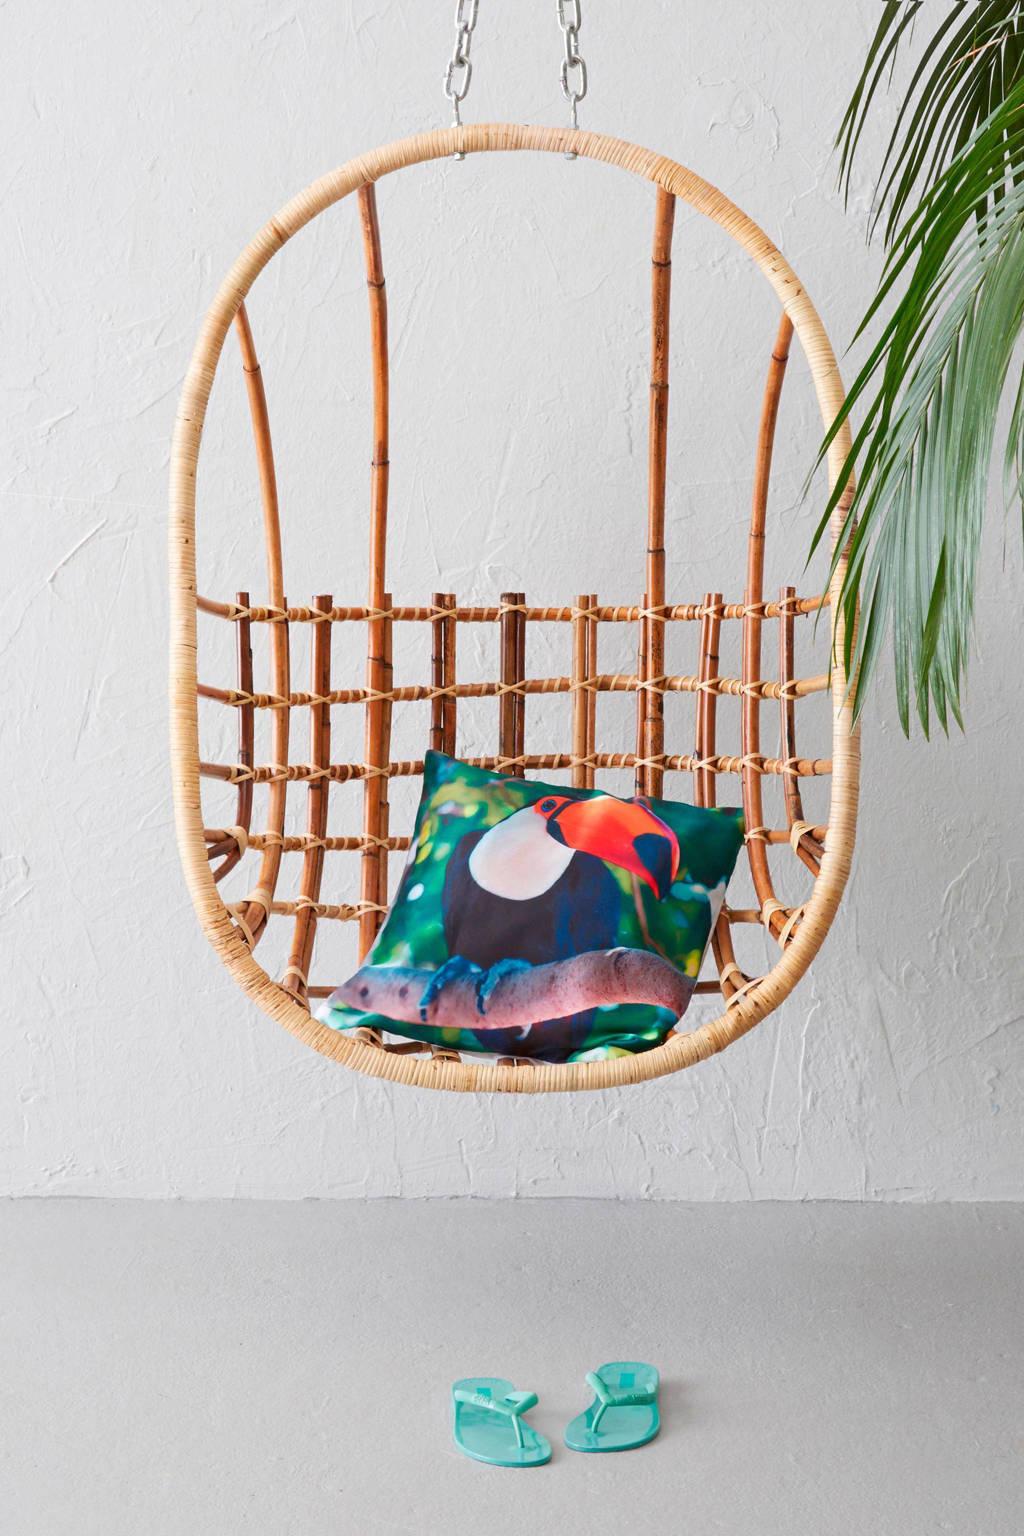 Rotan Hangstoel Wehkamp.Sissy Boy Egg Chair Hangstoel Wehkamp